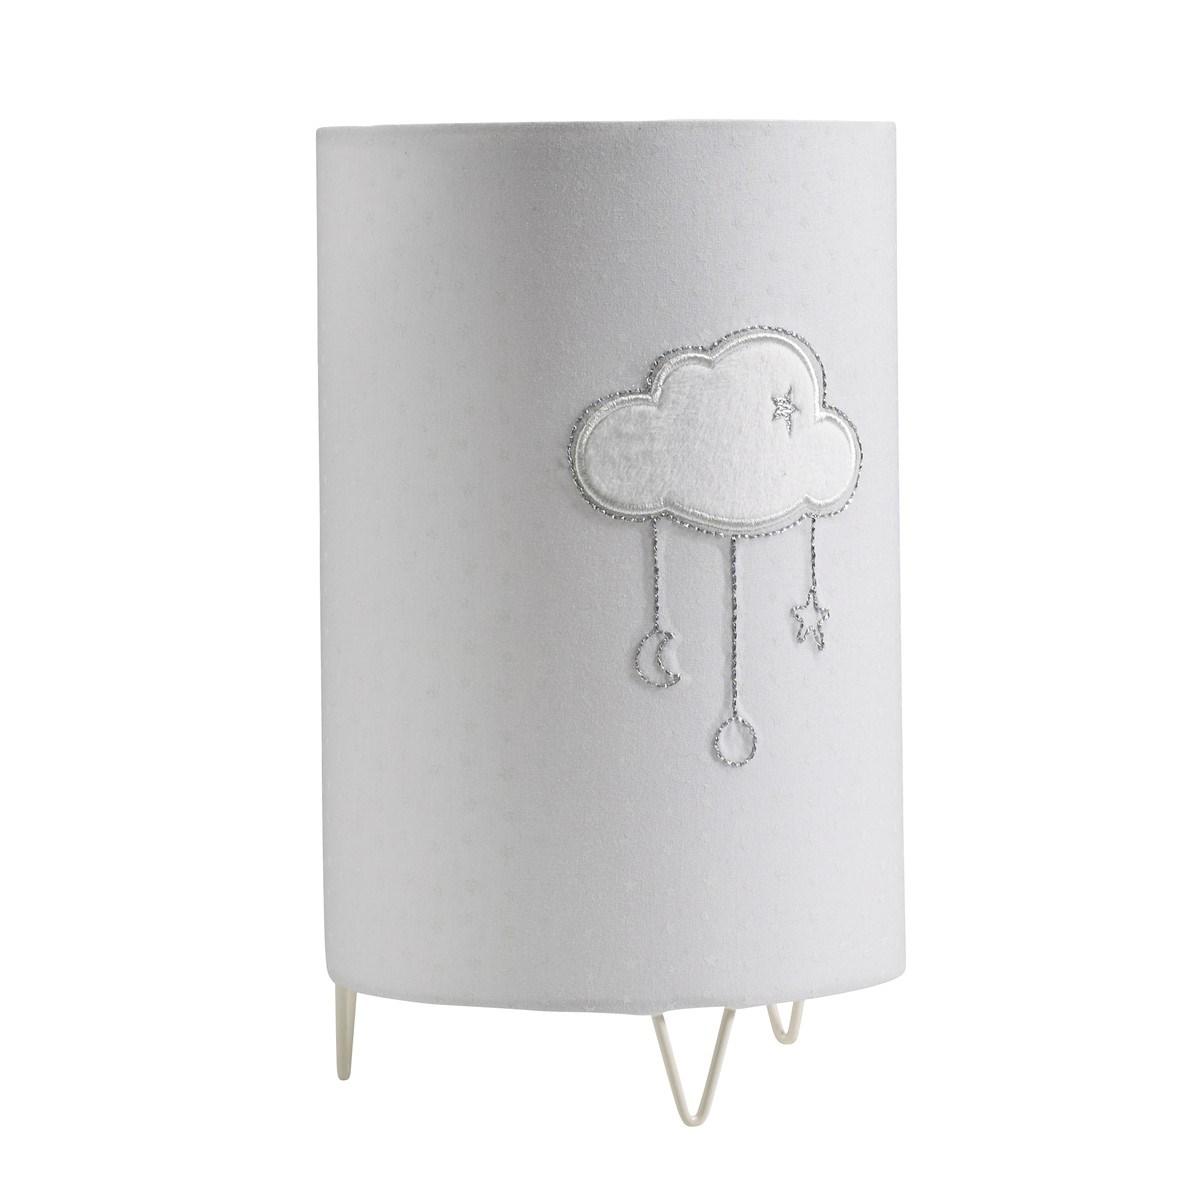 Luminaire et détail nuage en coton gris